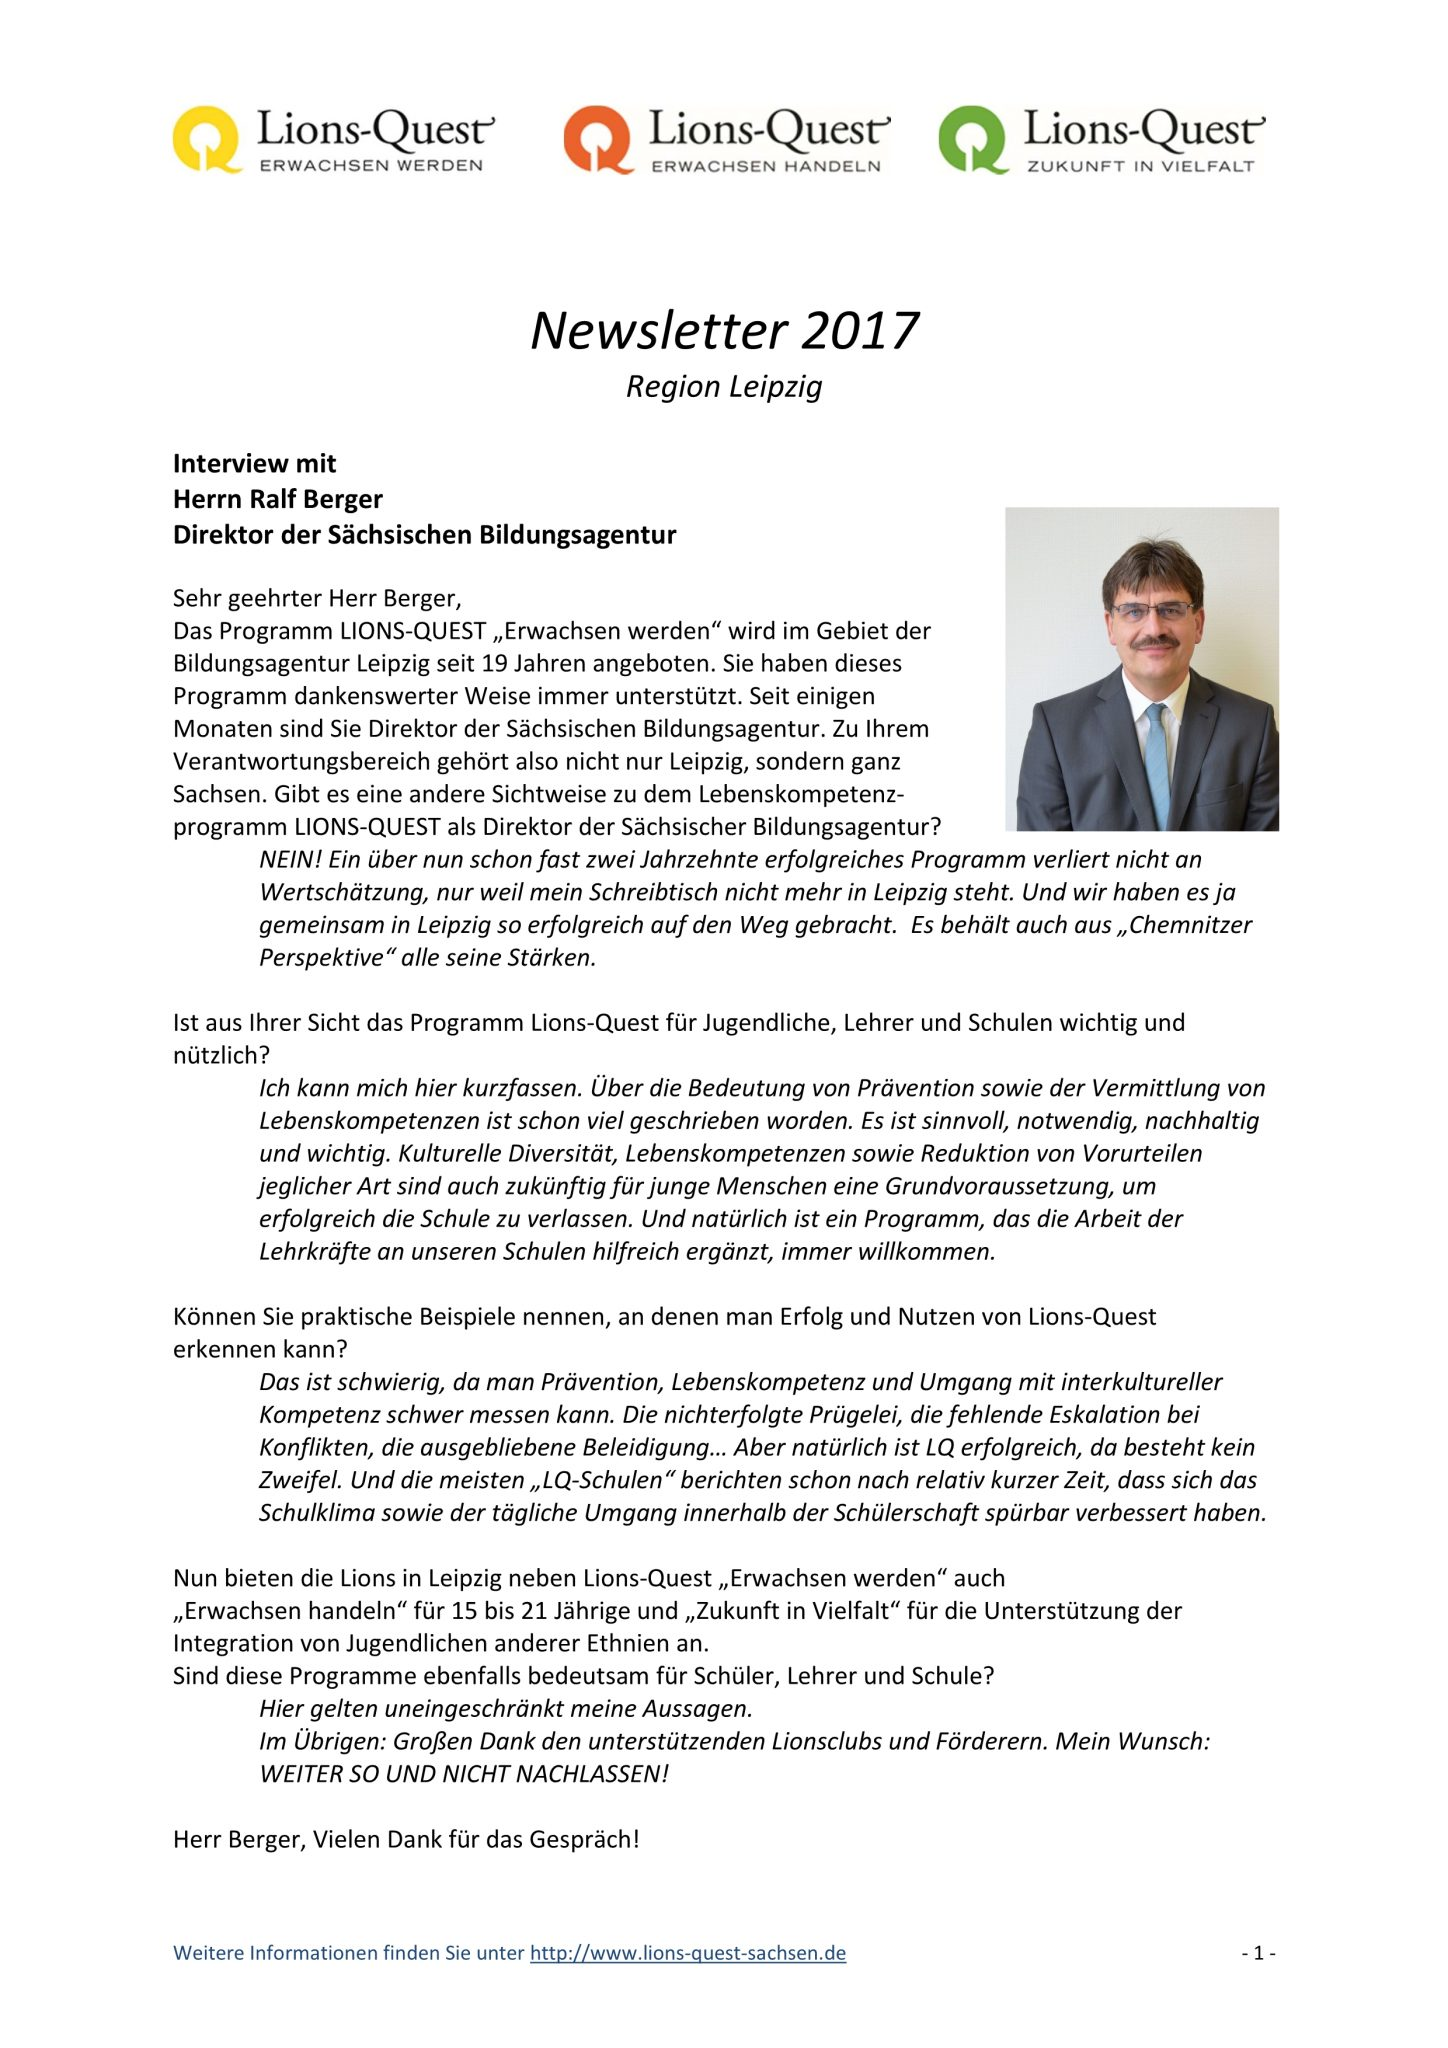 Interview mit Ralf Berger